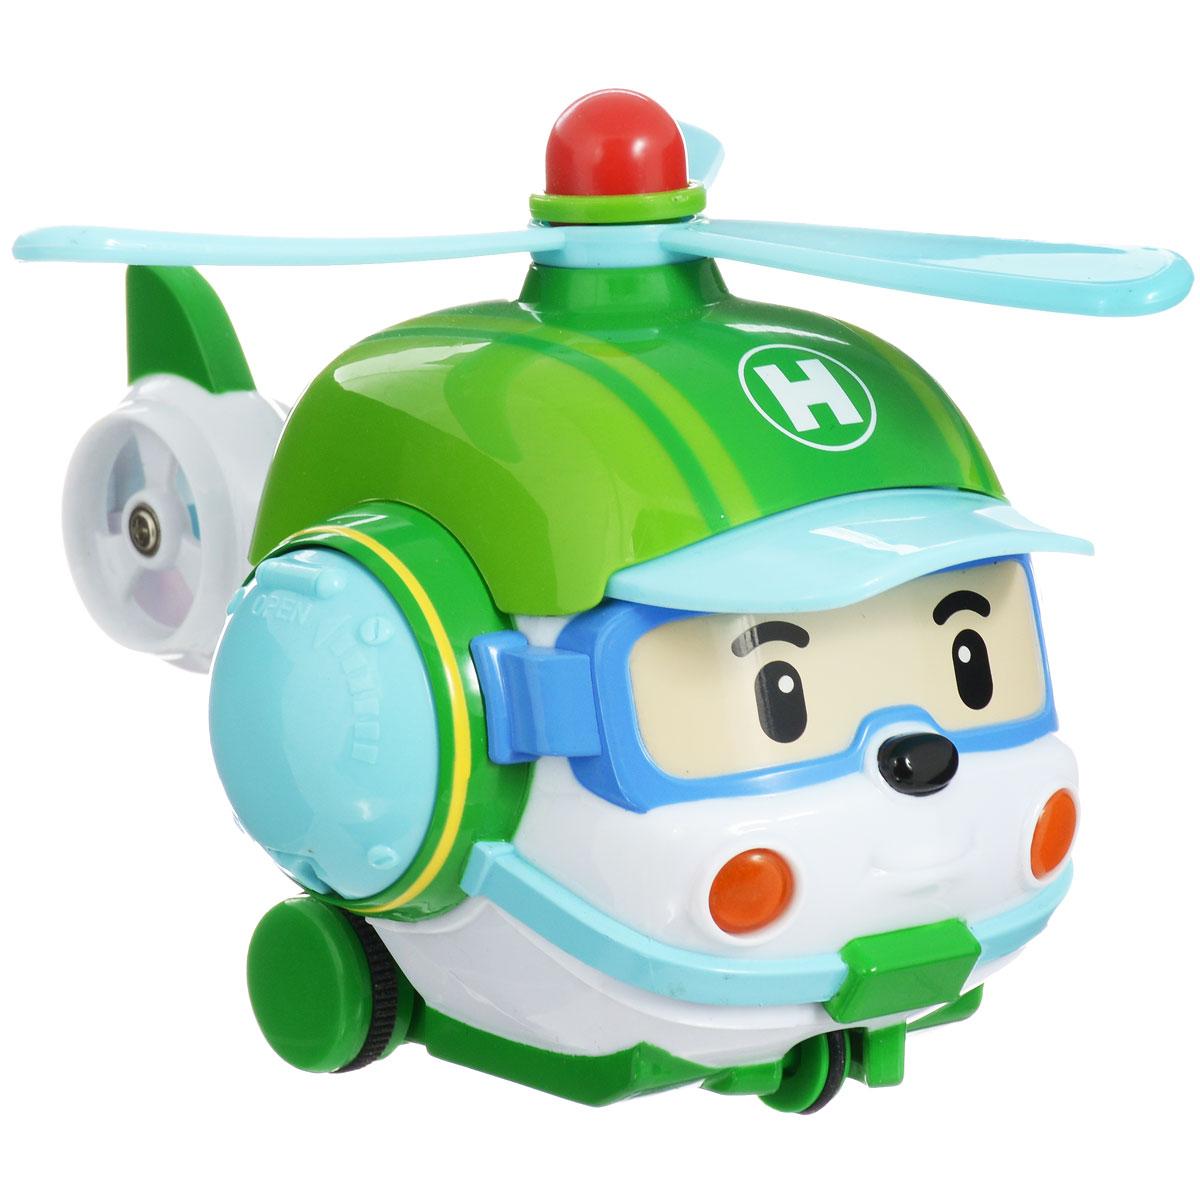 Robocar Poli Игрушка на радиоуправлении Хэли83193Радиоуправляемая игрушка со световыми эффектами Хэли привлечет внимание вашего ребенка и не позволит ему скучать. Она выполнена из прочного пластика голубого и зеленого цветов в виде вертолетика Хэли - персонажа мультфильма Робокар Поли и его друзья. Игрушка может двигаться вперед, поворачивать направо и разворачиваться. Во время движения у нее светятся фары. Колеса вертолета дополнены резиновыми вставками, которые исключают скольжение игрушки на гладкой поверхности. К вертолету прилагается пульт с инфракрасным дистанционным управлением, на котором имеются две крупные кнопки выбора направления движения игрушки и кнопка включения. В комплект входит инструкция по эксплуатации на русском языке. Такая замечательная игрушка подарит вашему малышу массу положительных эмоций! Для работы машинки необходимы 3 батареи напряжением 1,5V типа АА, для работы пульта управления 1 батарея напряжением 9V типа 6LR61 (не входят в комплект).